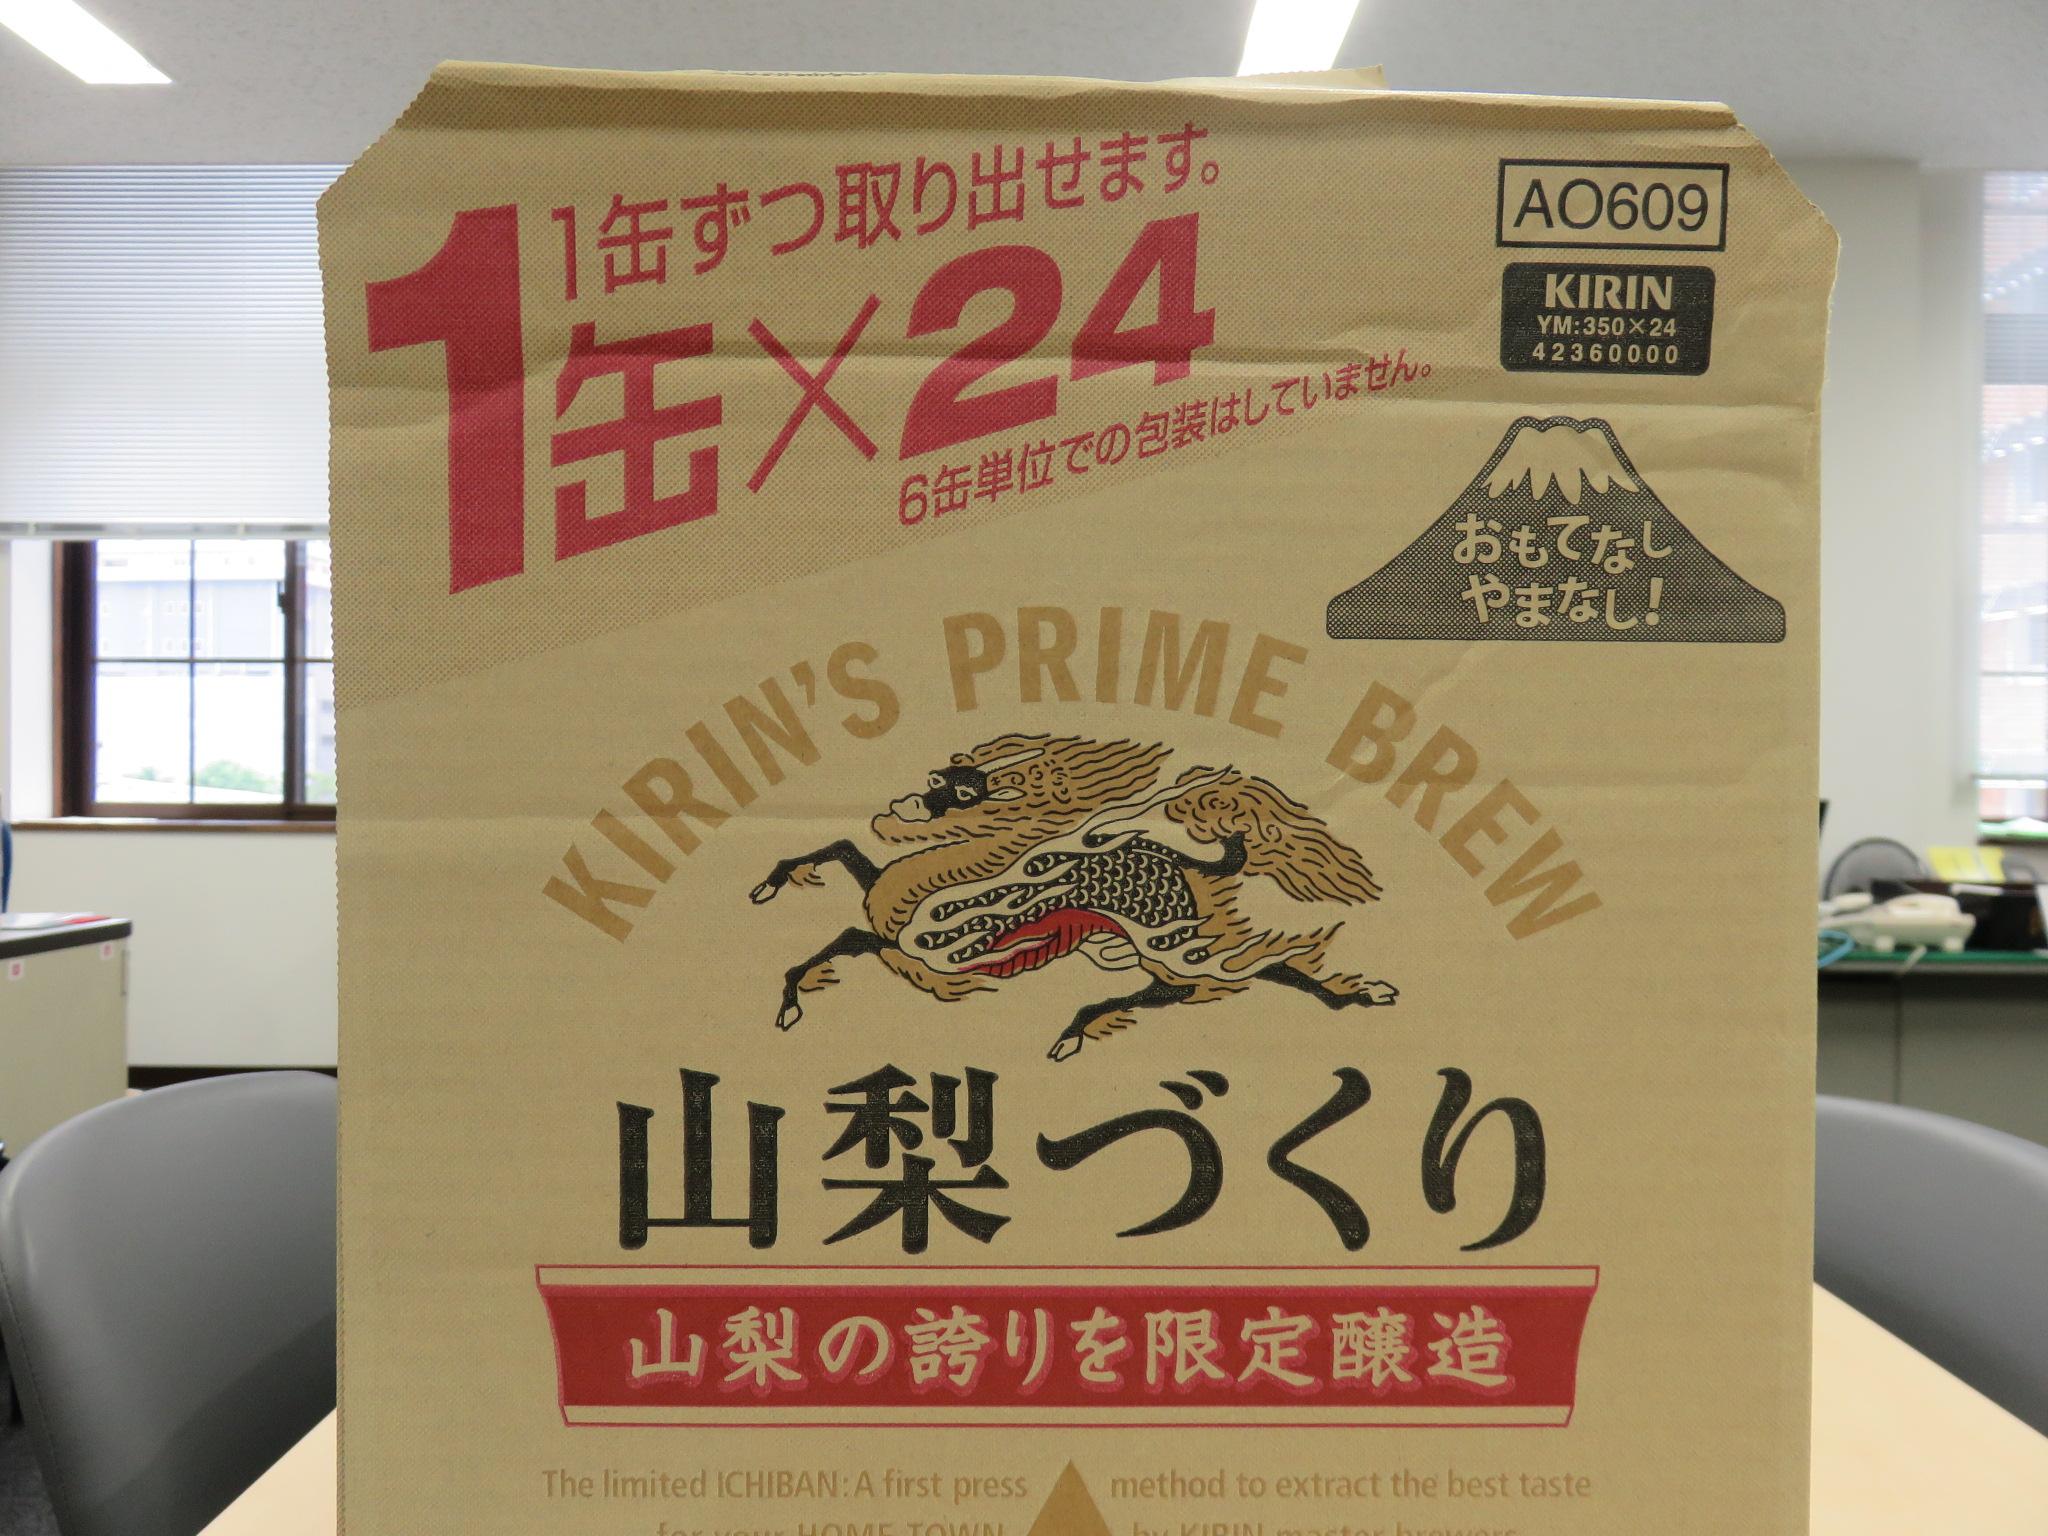 http://www.yamanashi-kankou.jp/blog/IMG_3328.JPG